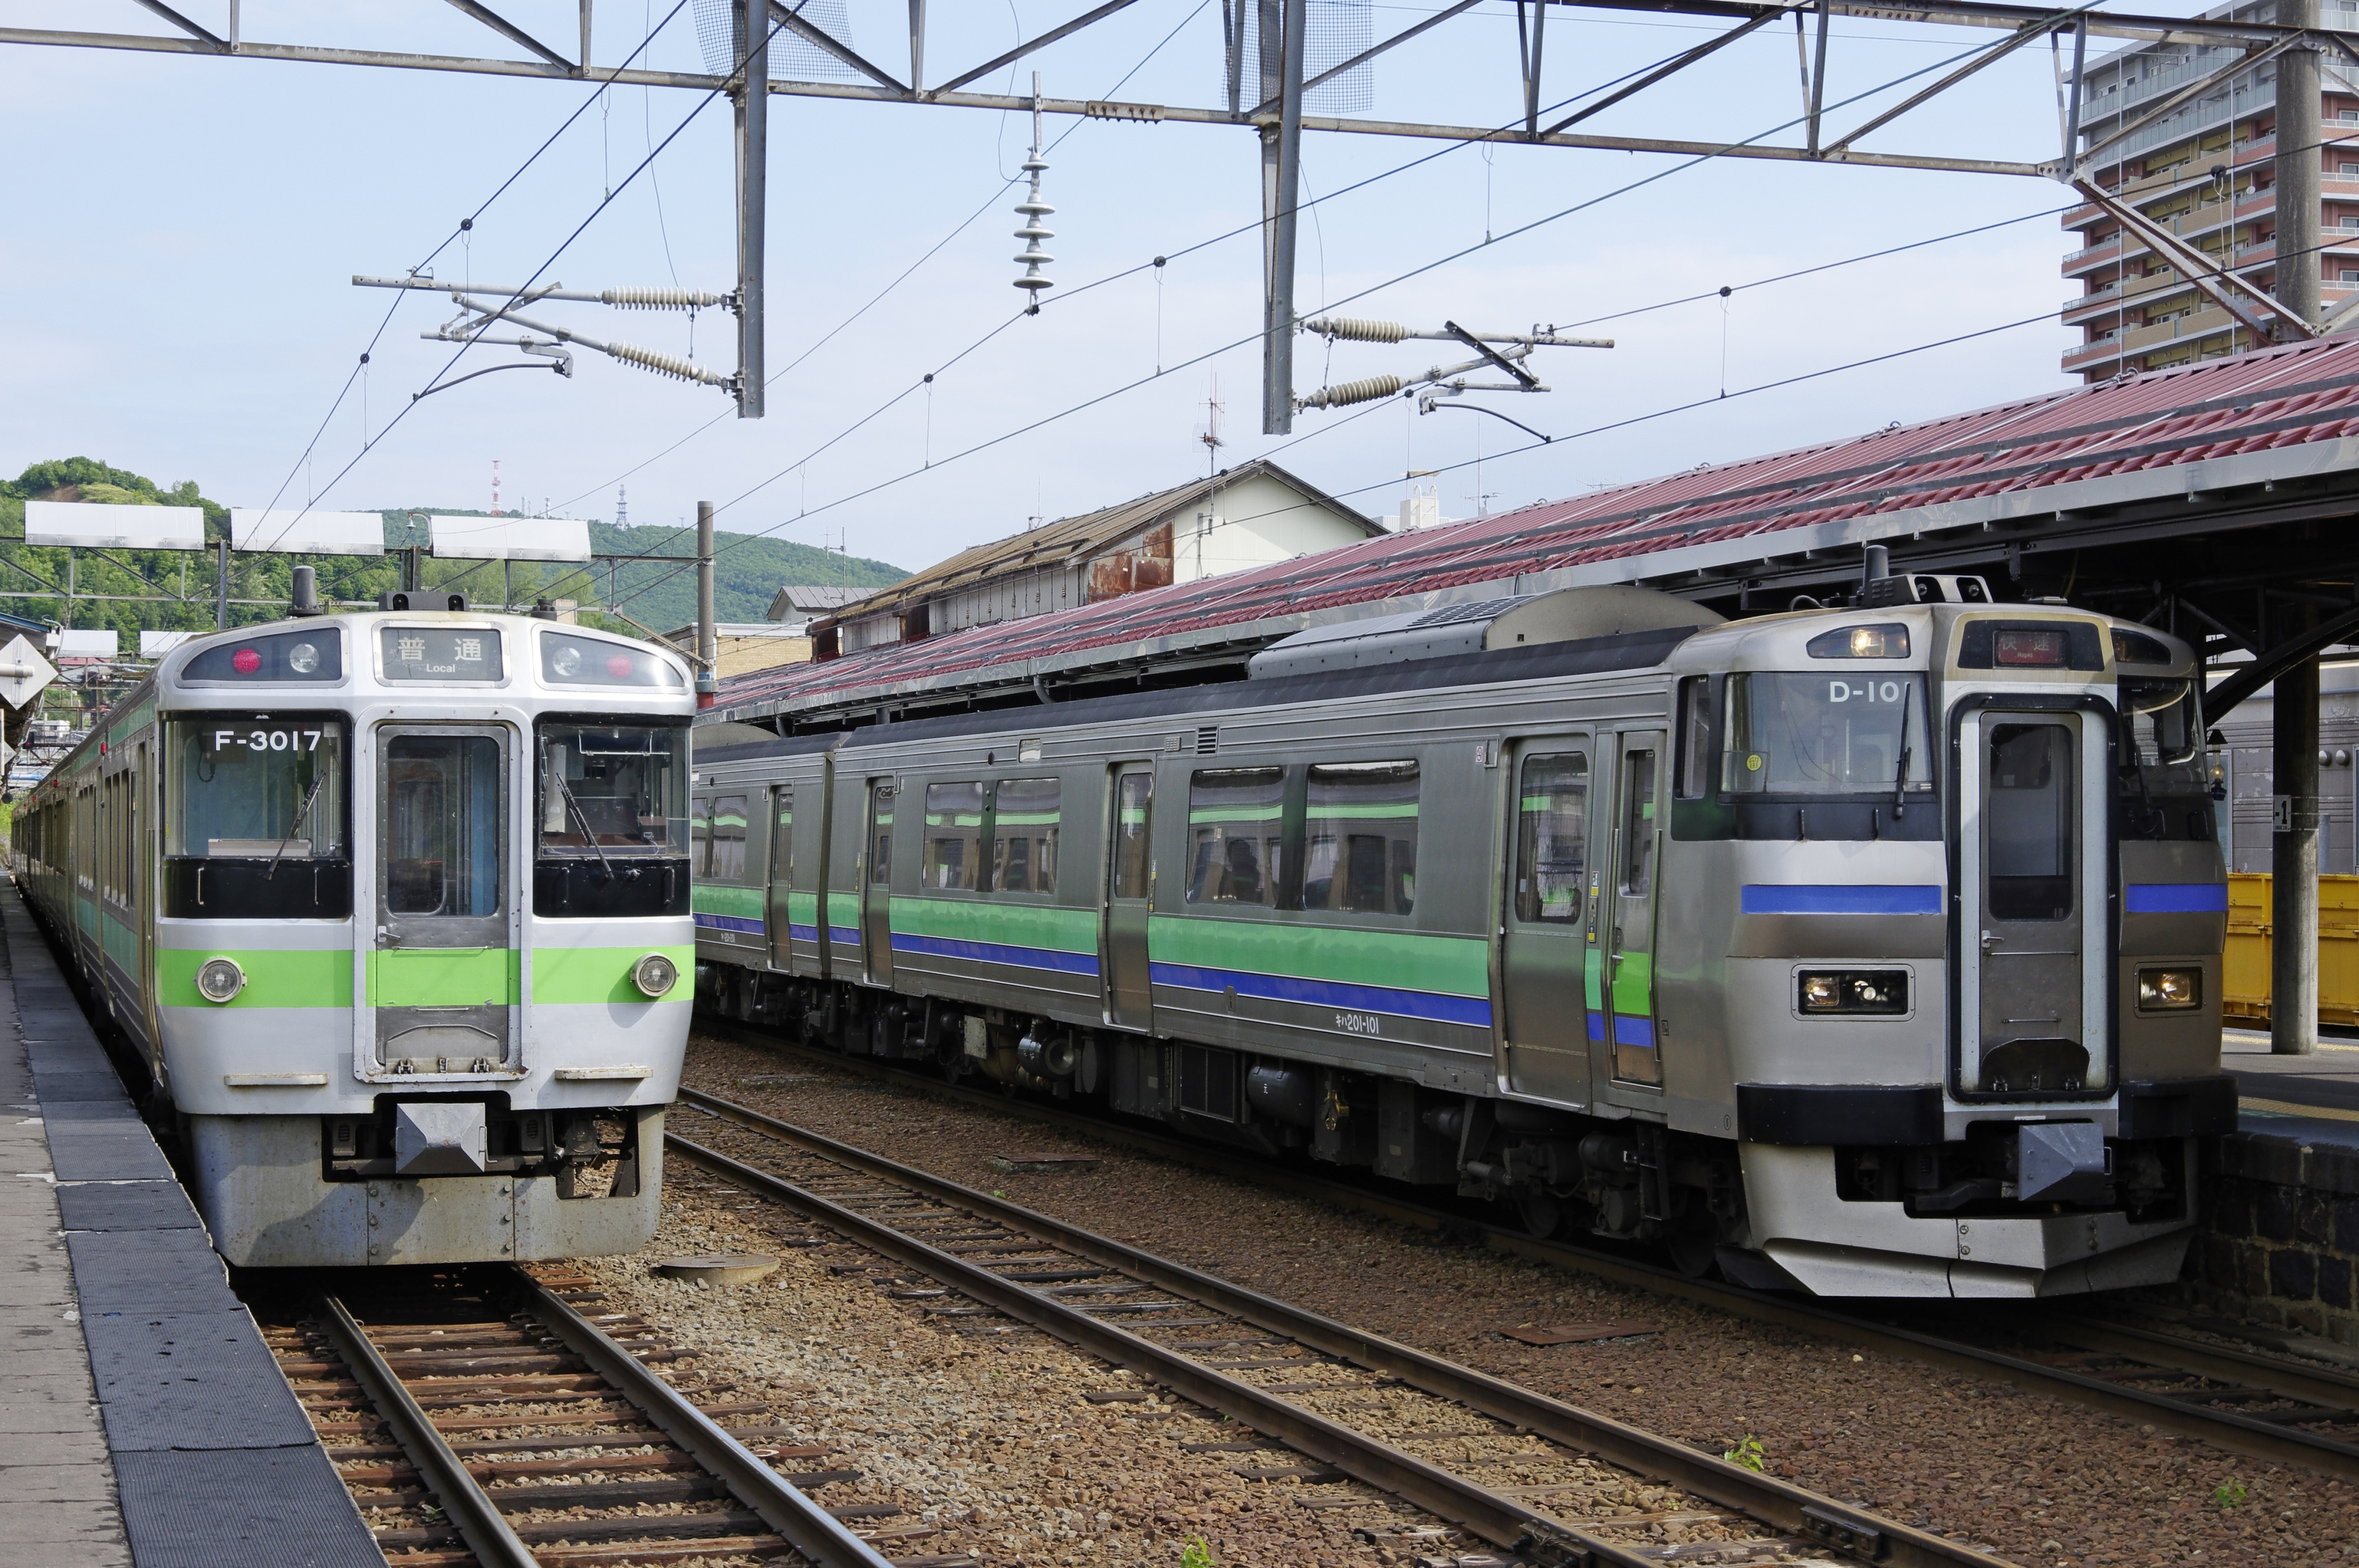 3925D キハ201 ニセコライナー 小樽駅180621 (1).jpg